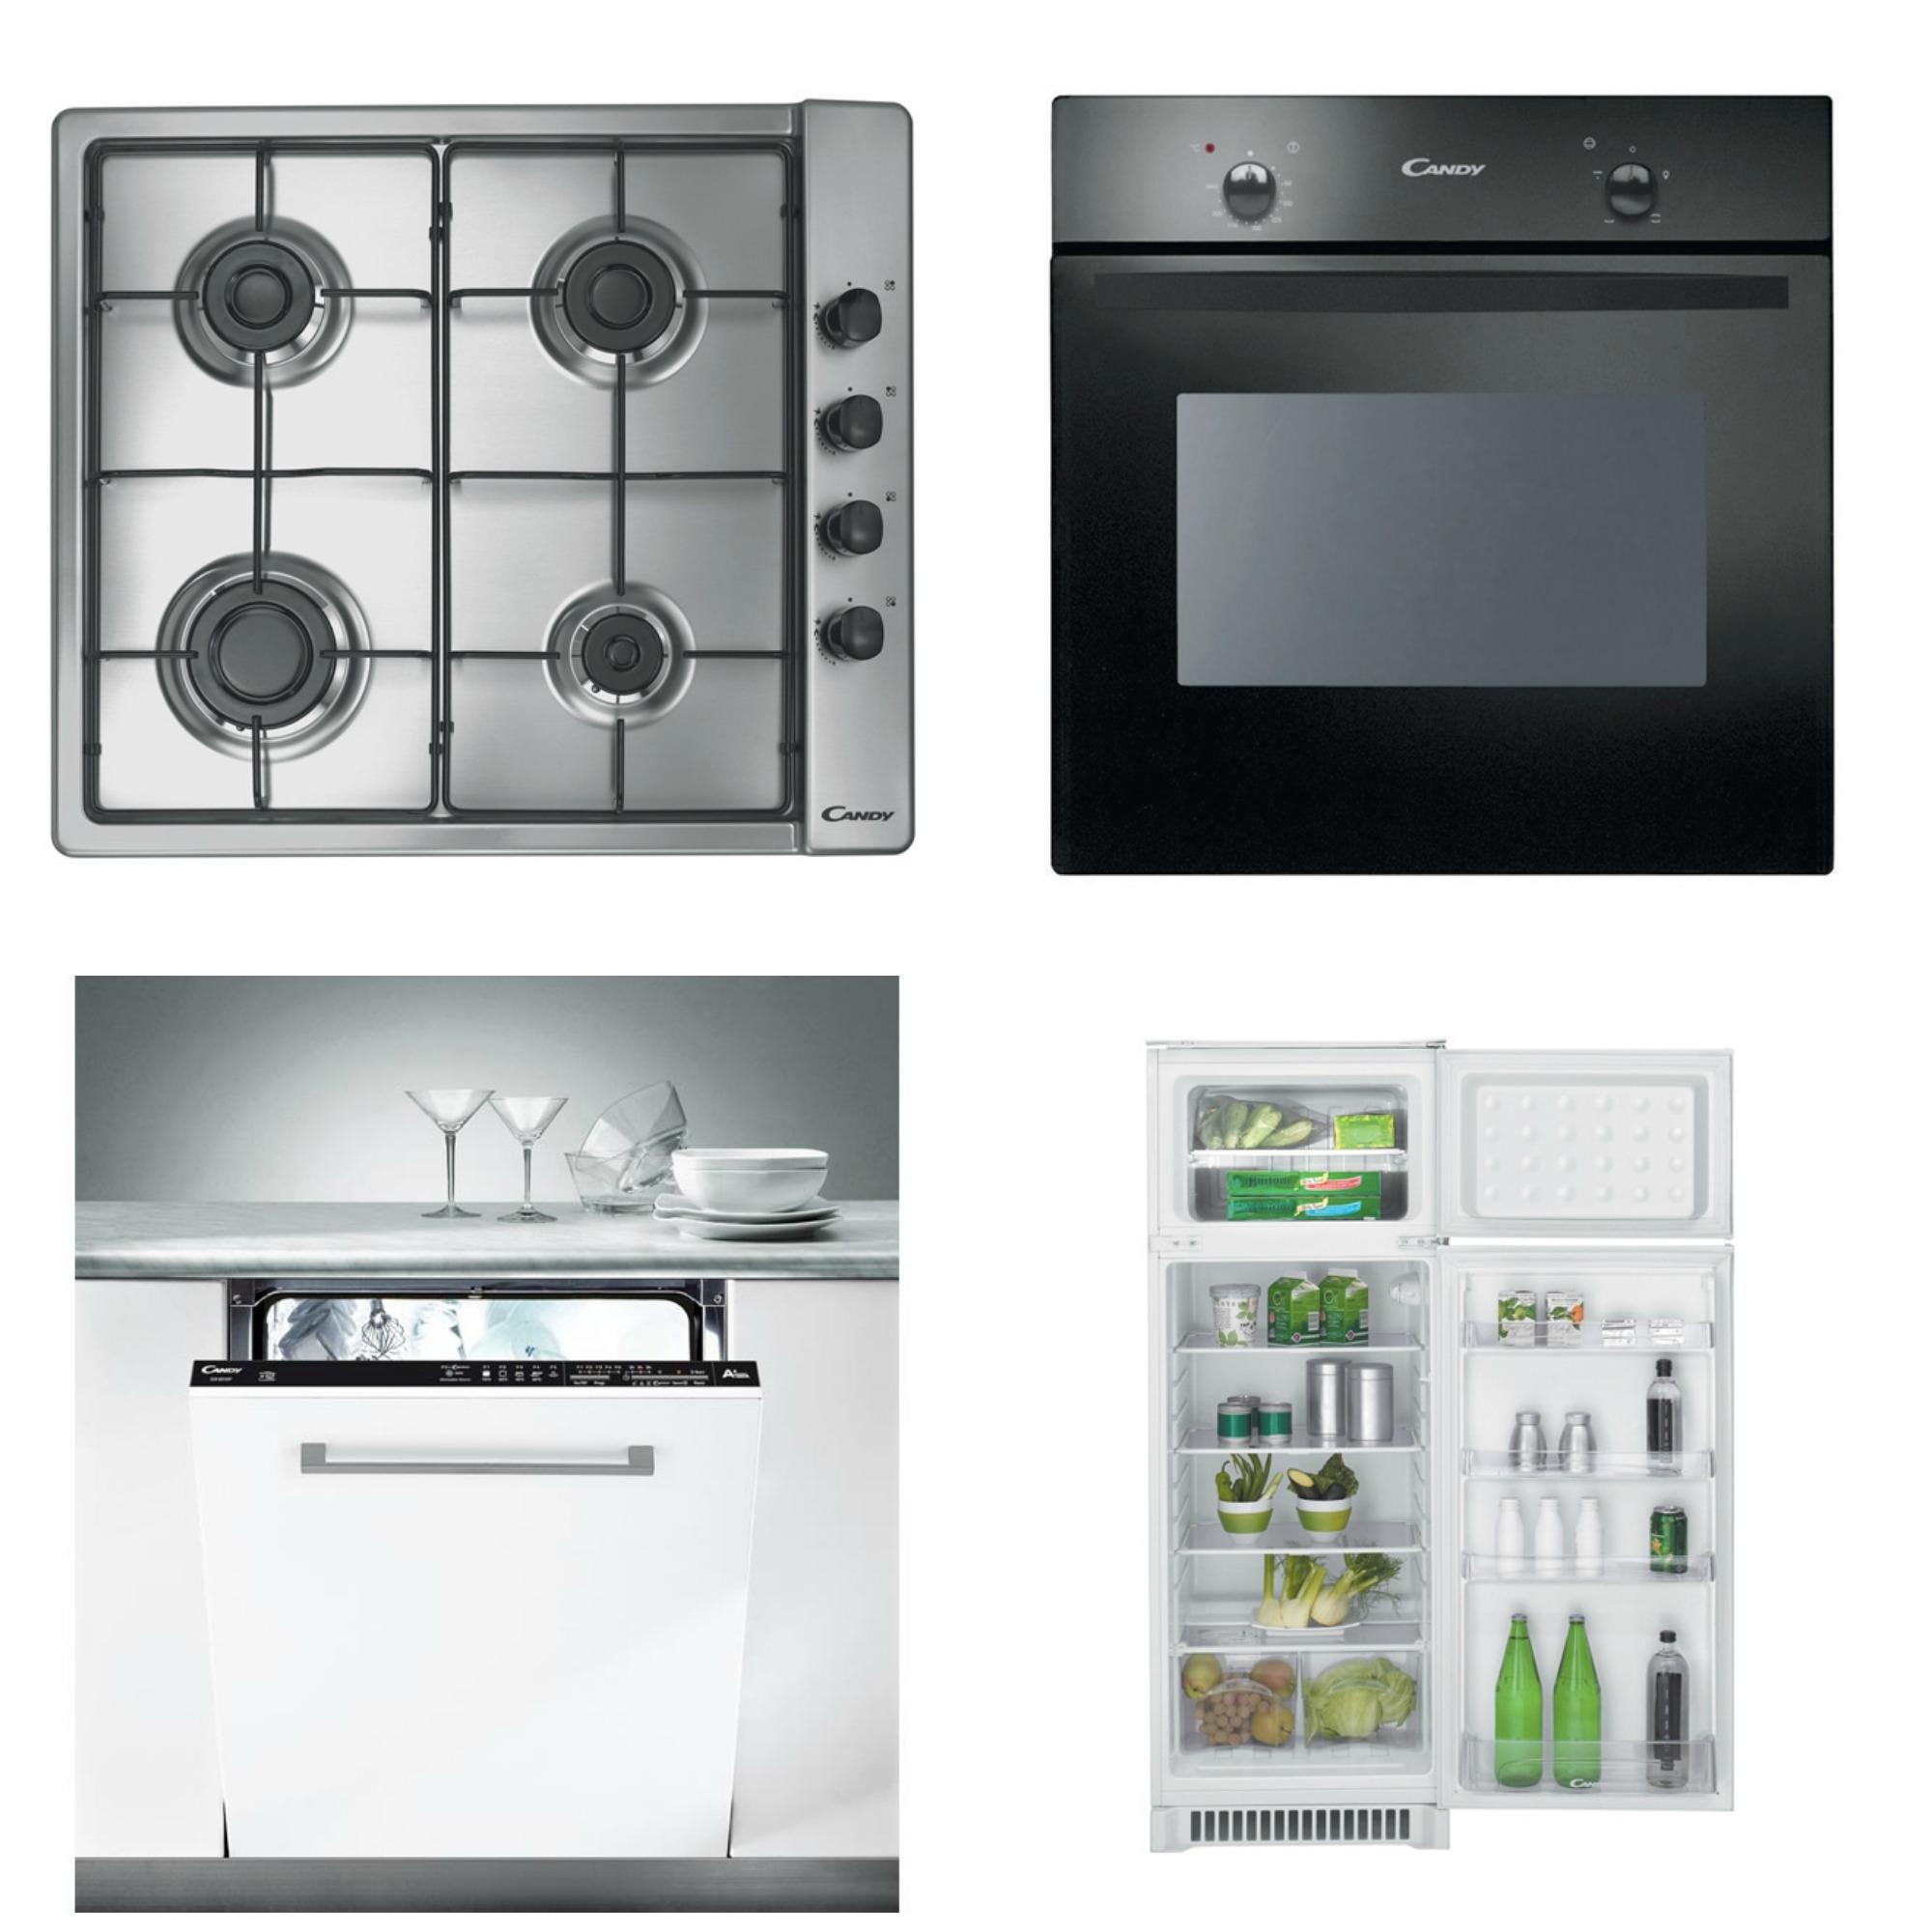 Stunning Migliori Marche Elettrodomestici Cucina Images - Design ...